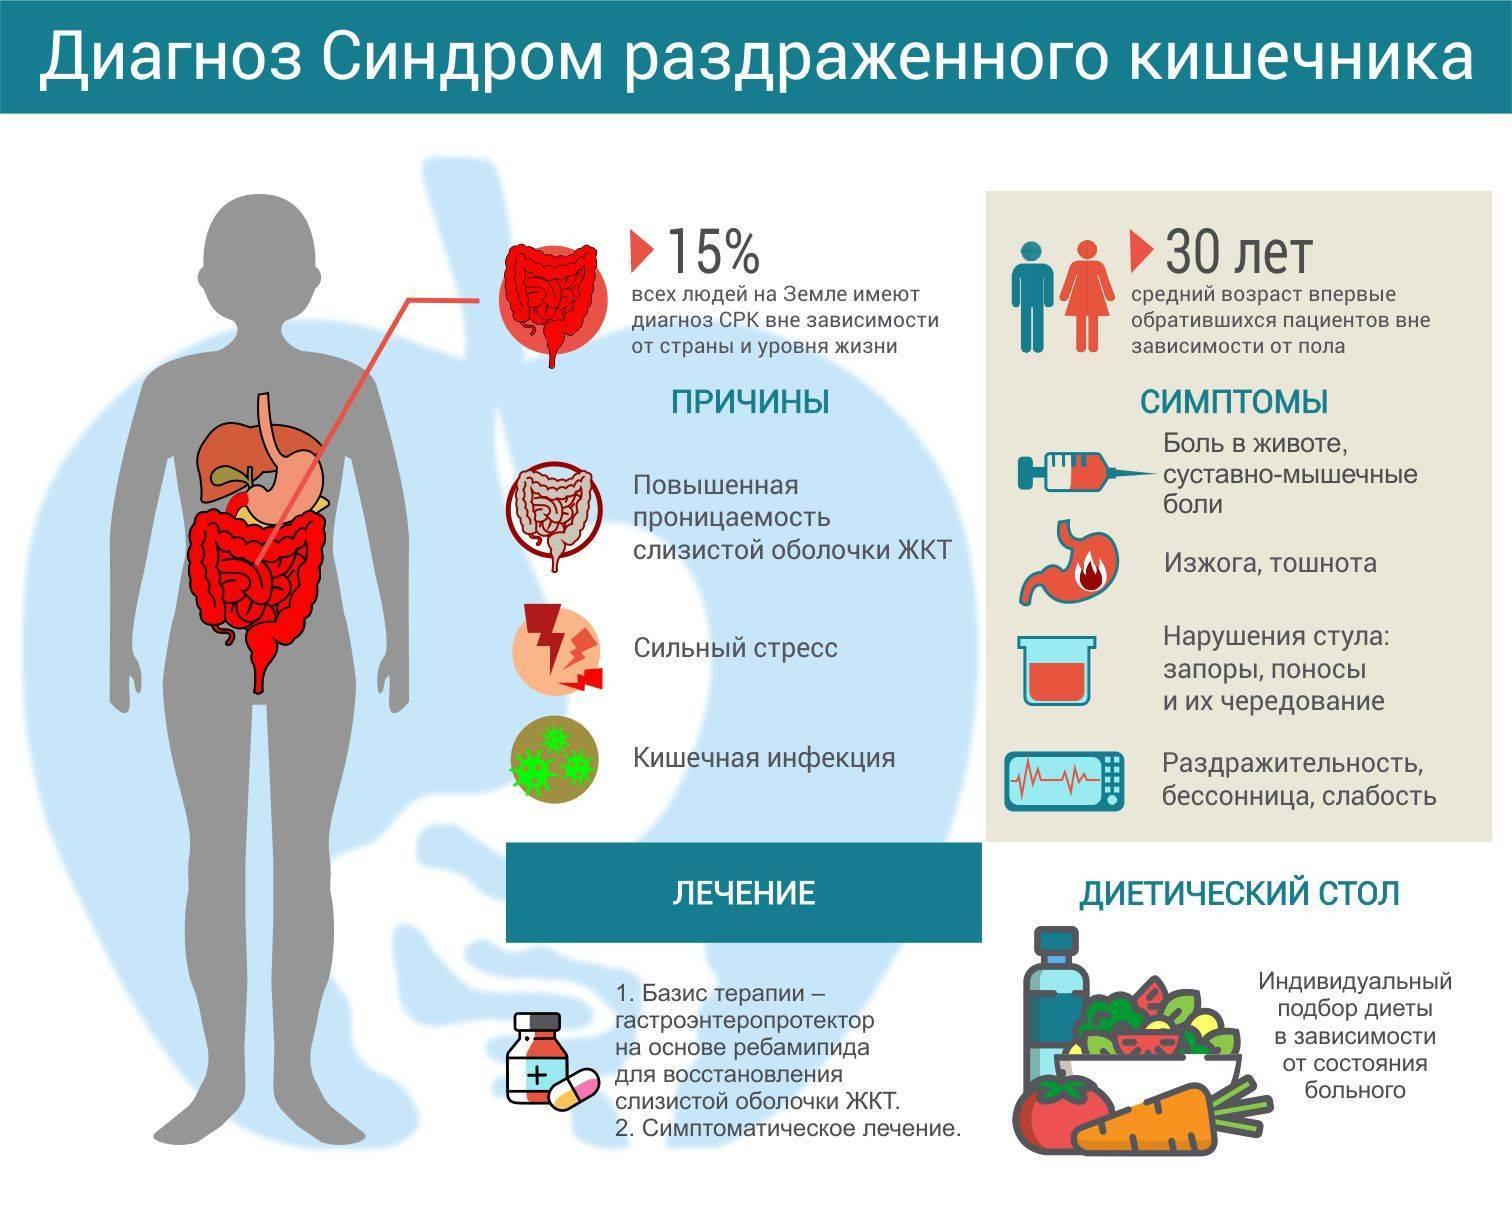 Синдром раздраженного кишечника у детей - симптомы, причины, лечение